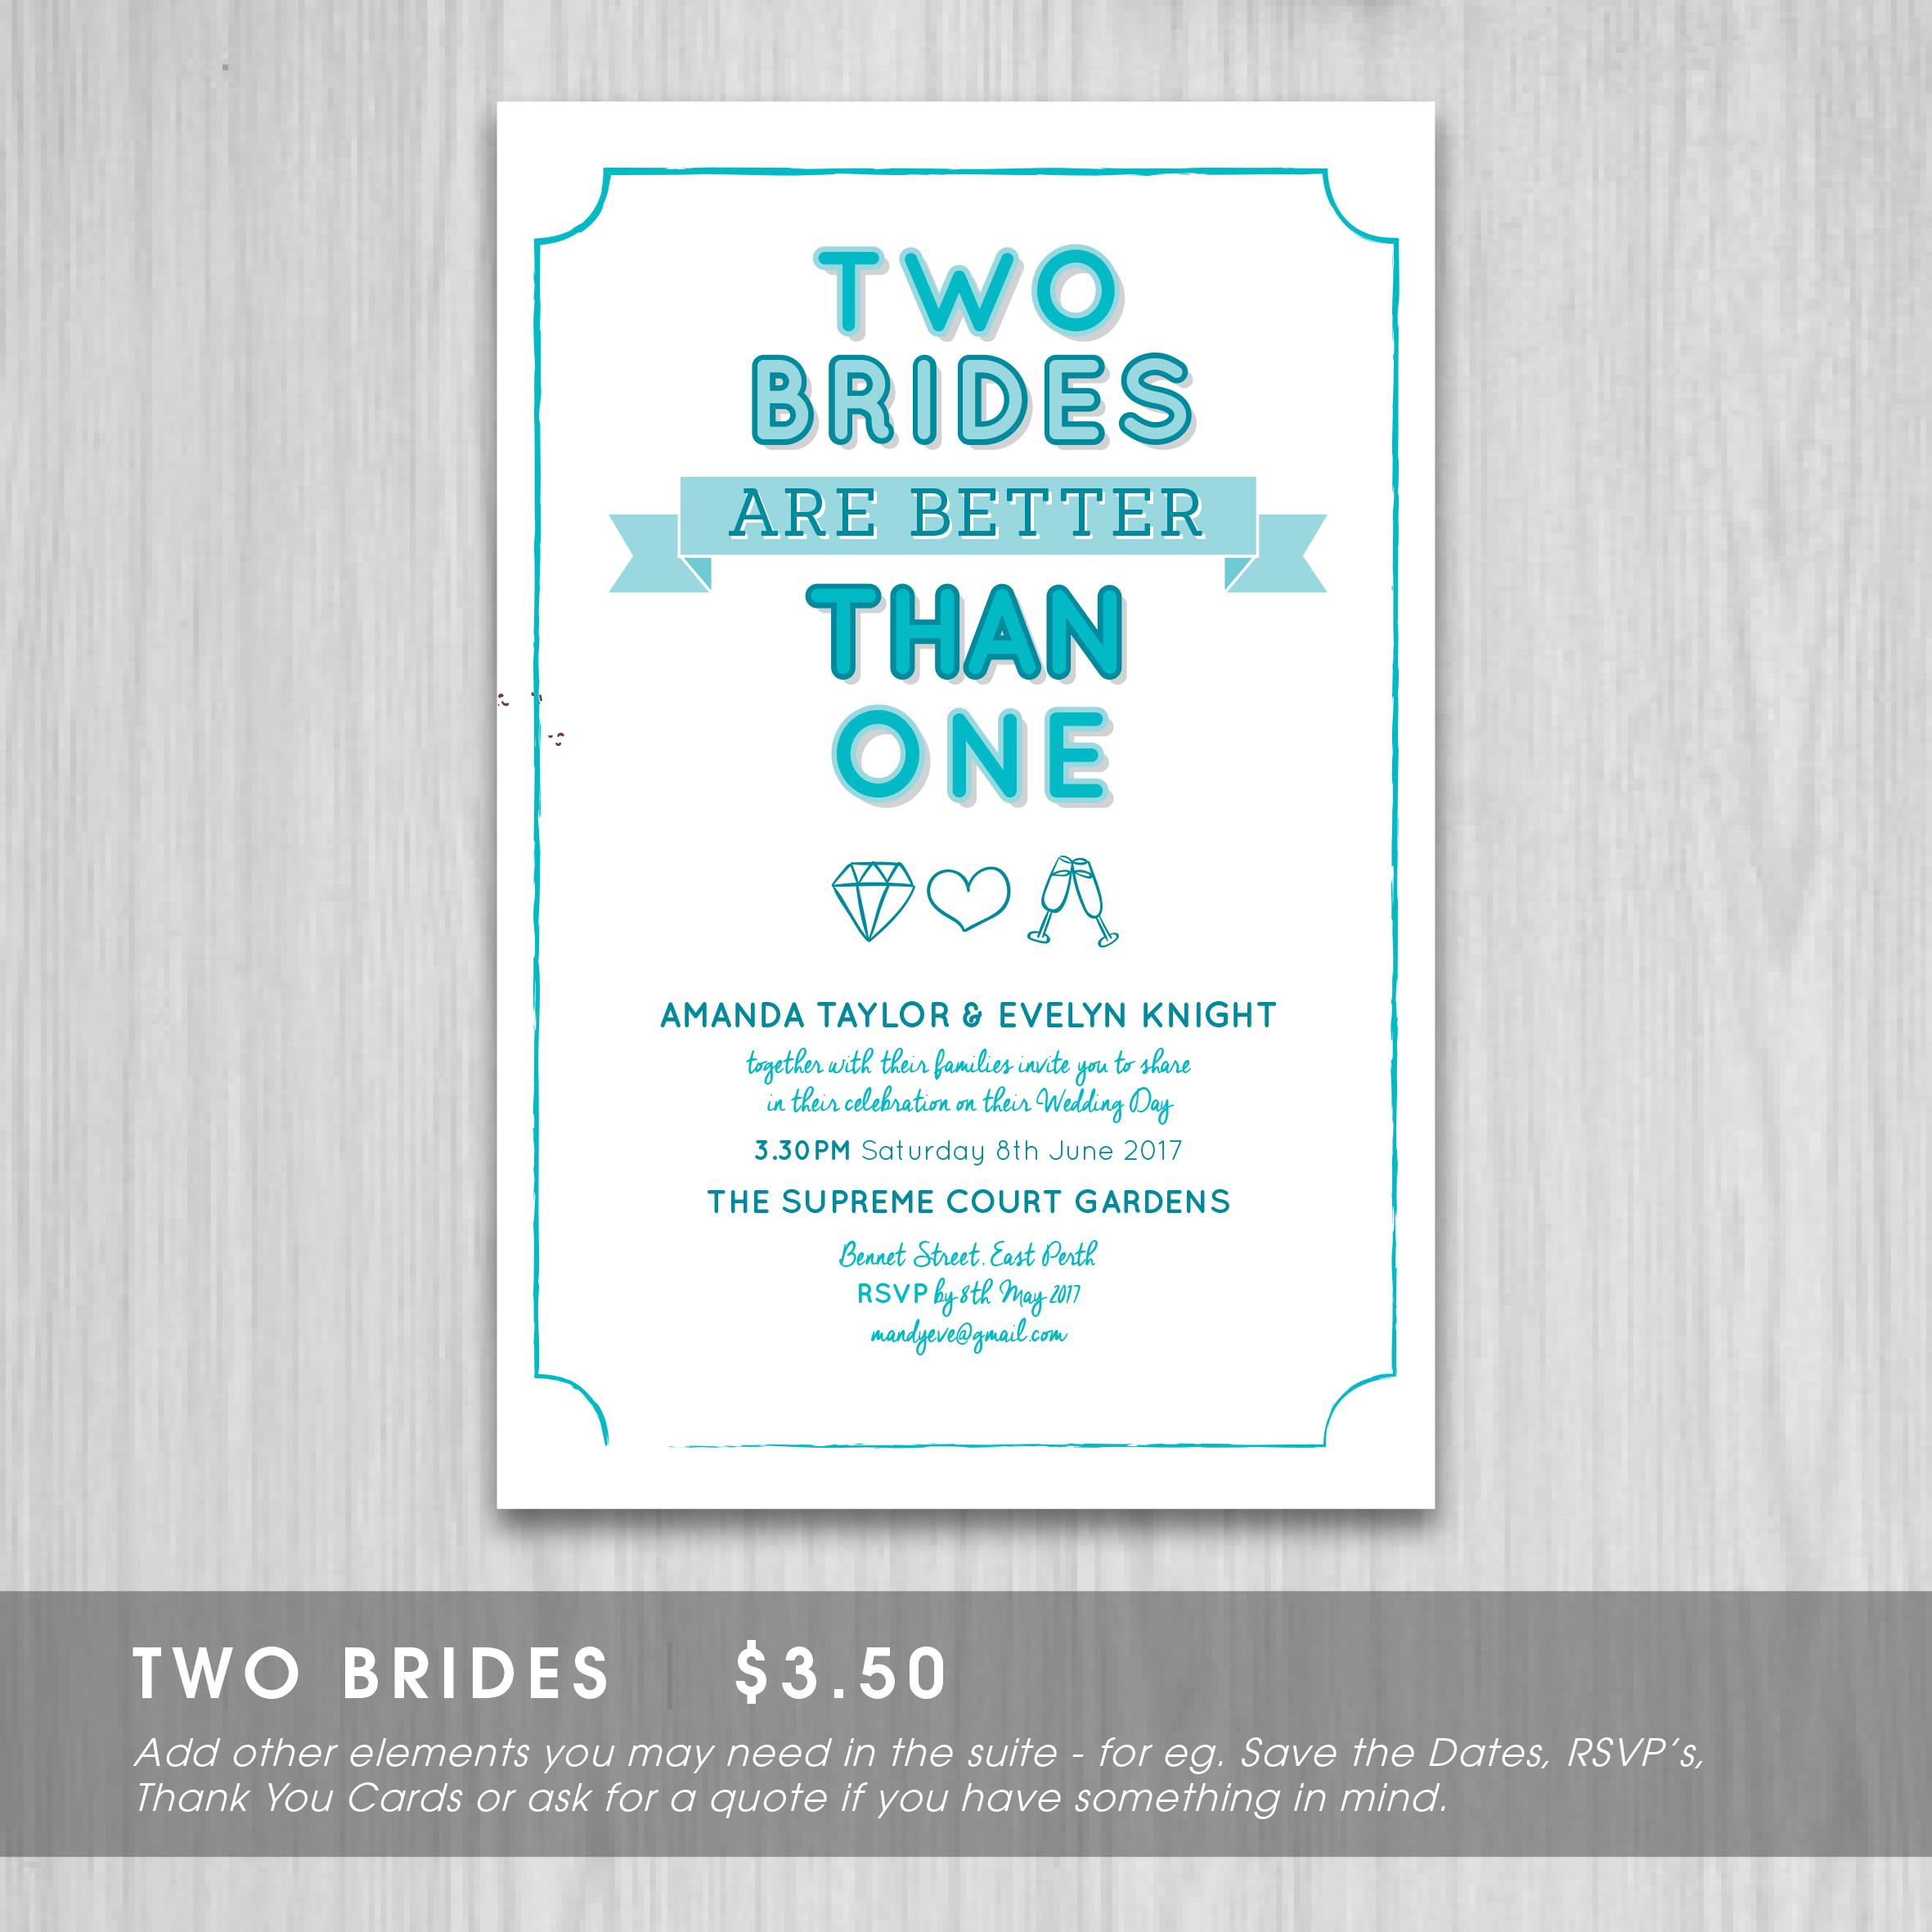 Wedding-Invites-Webpage-layout-11